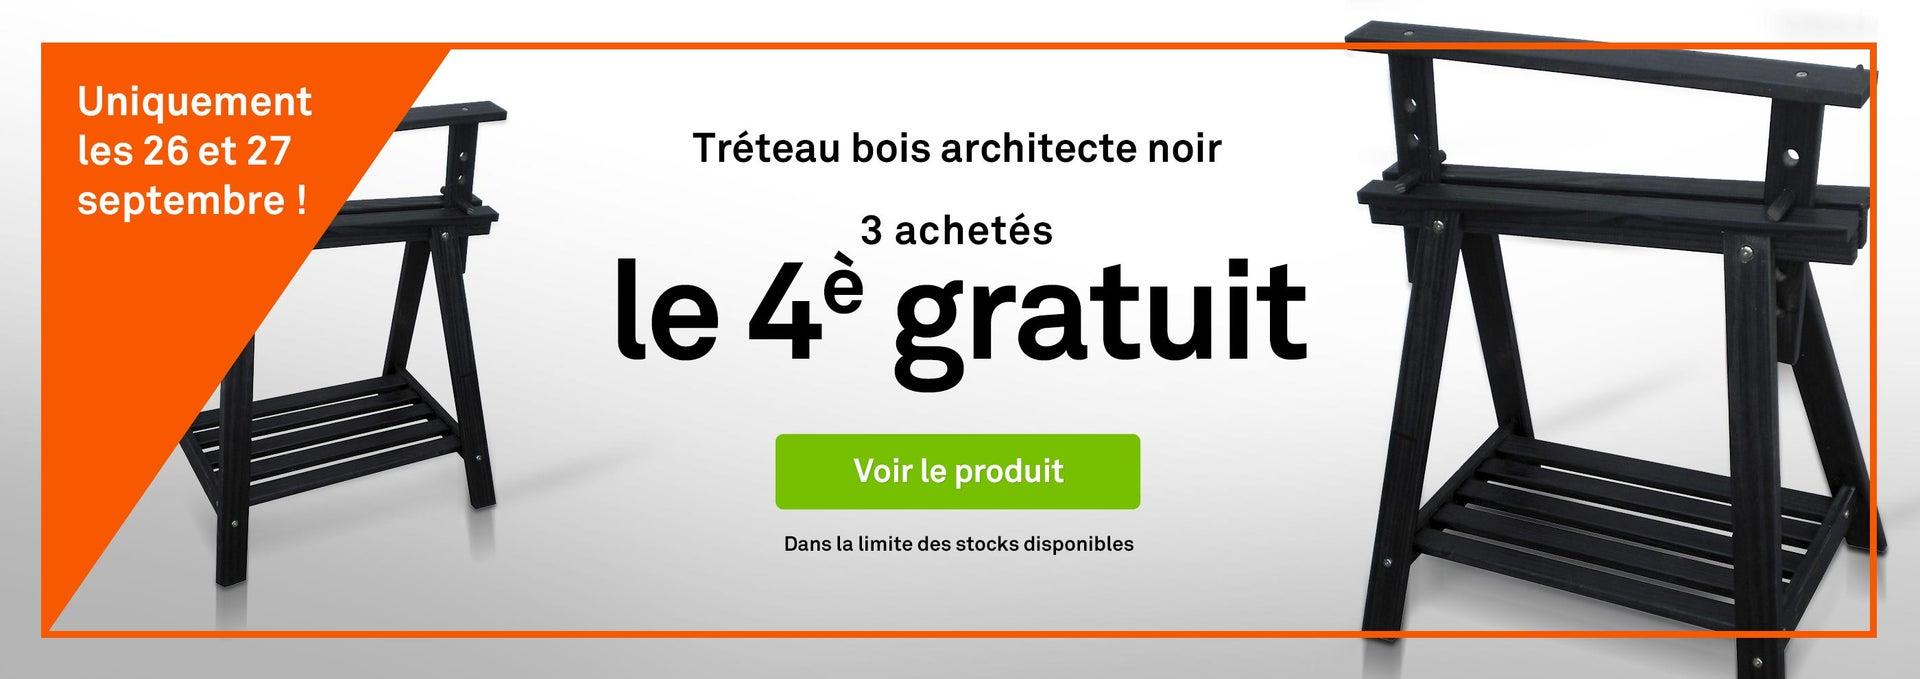 offre-treteau-architecte